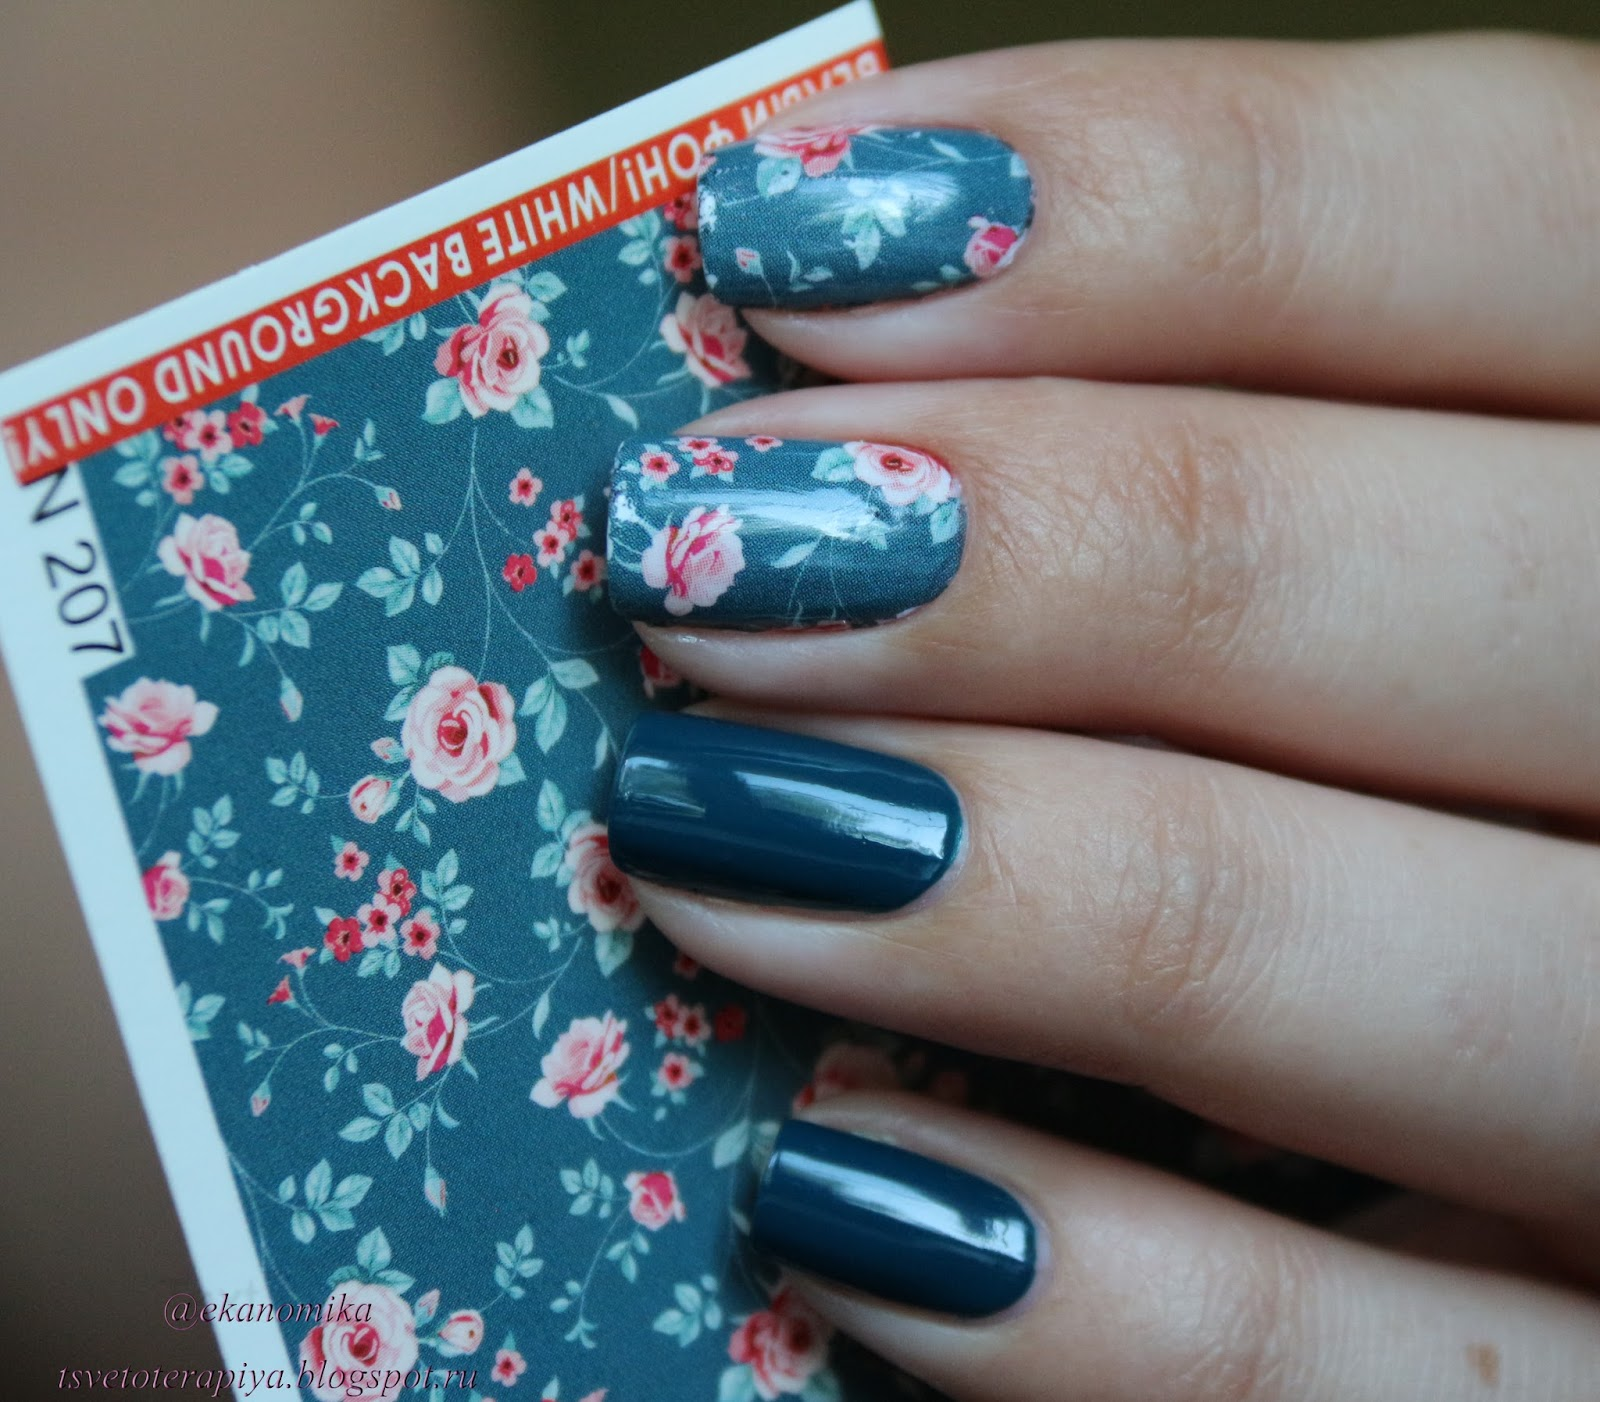 Cлайдеры для ногтей: фото, дизайн маникюра